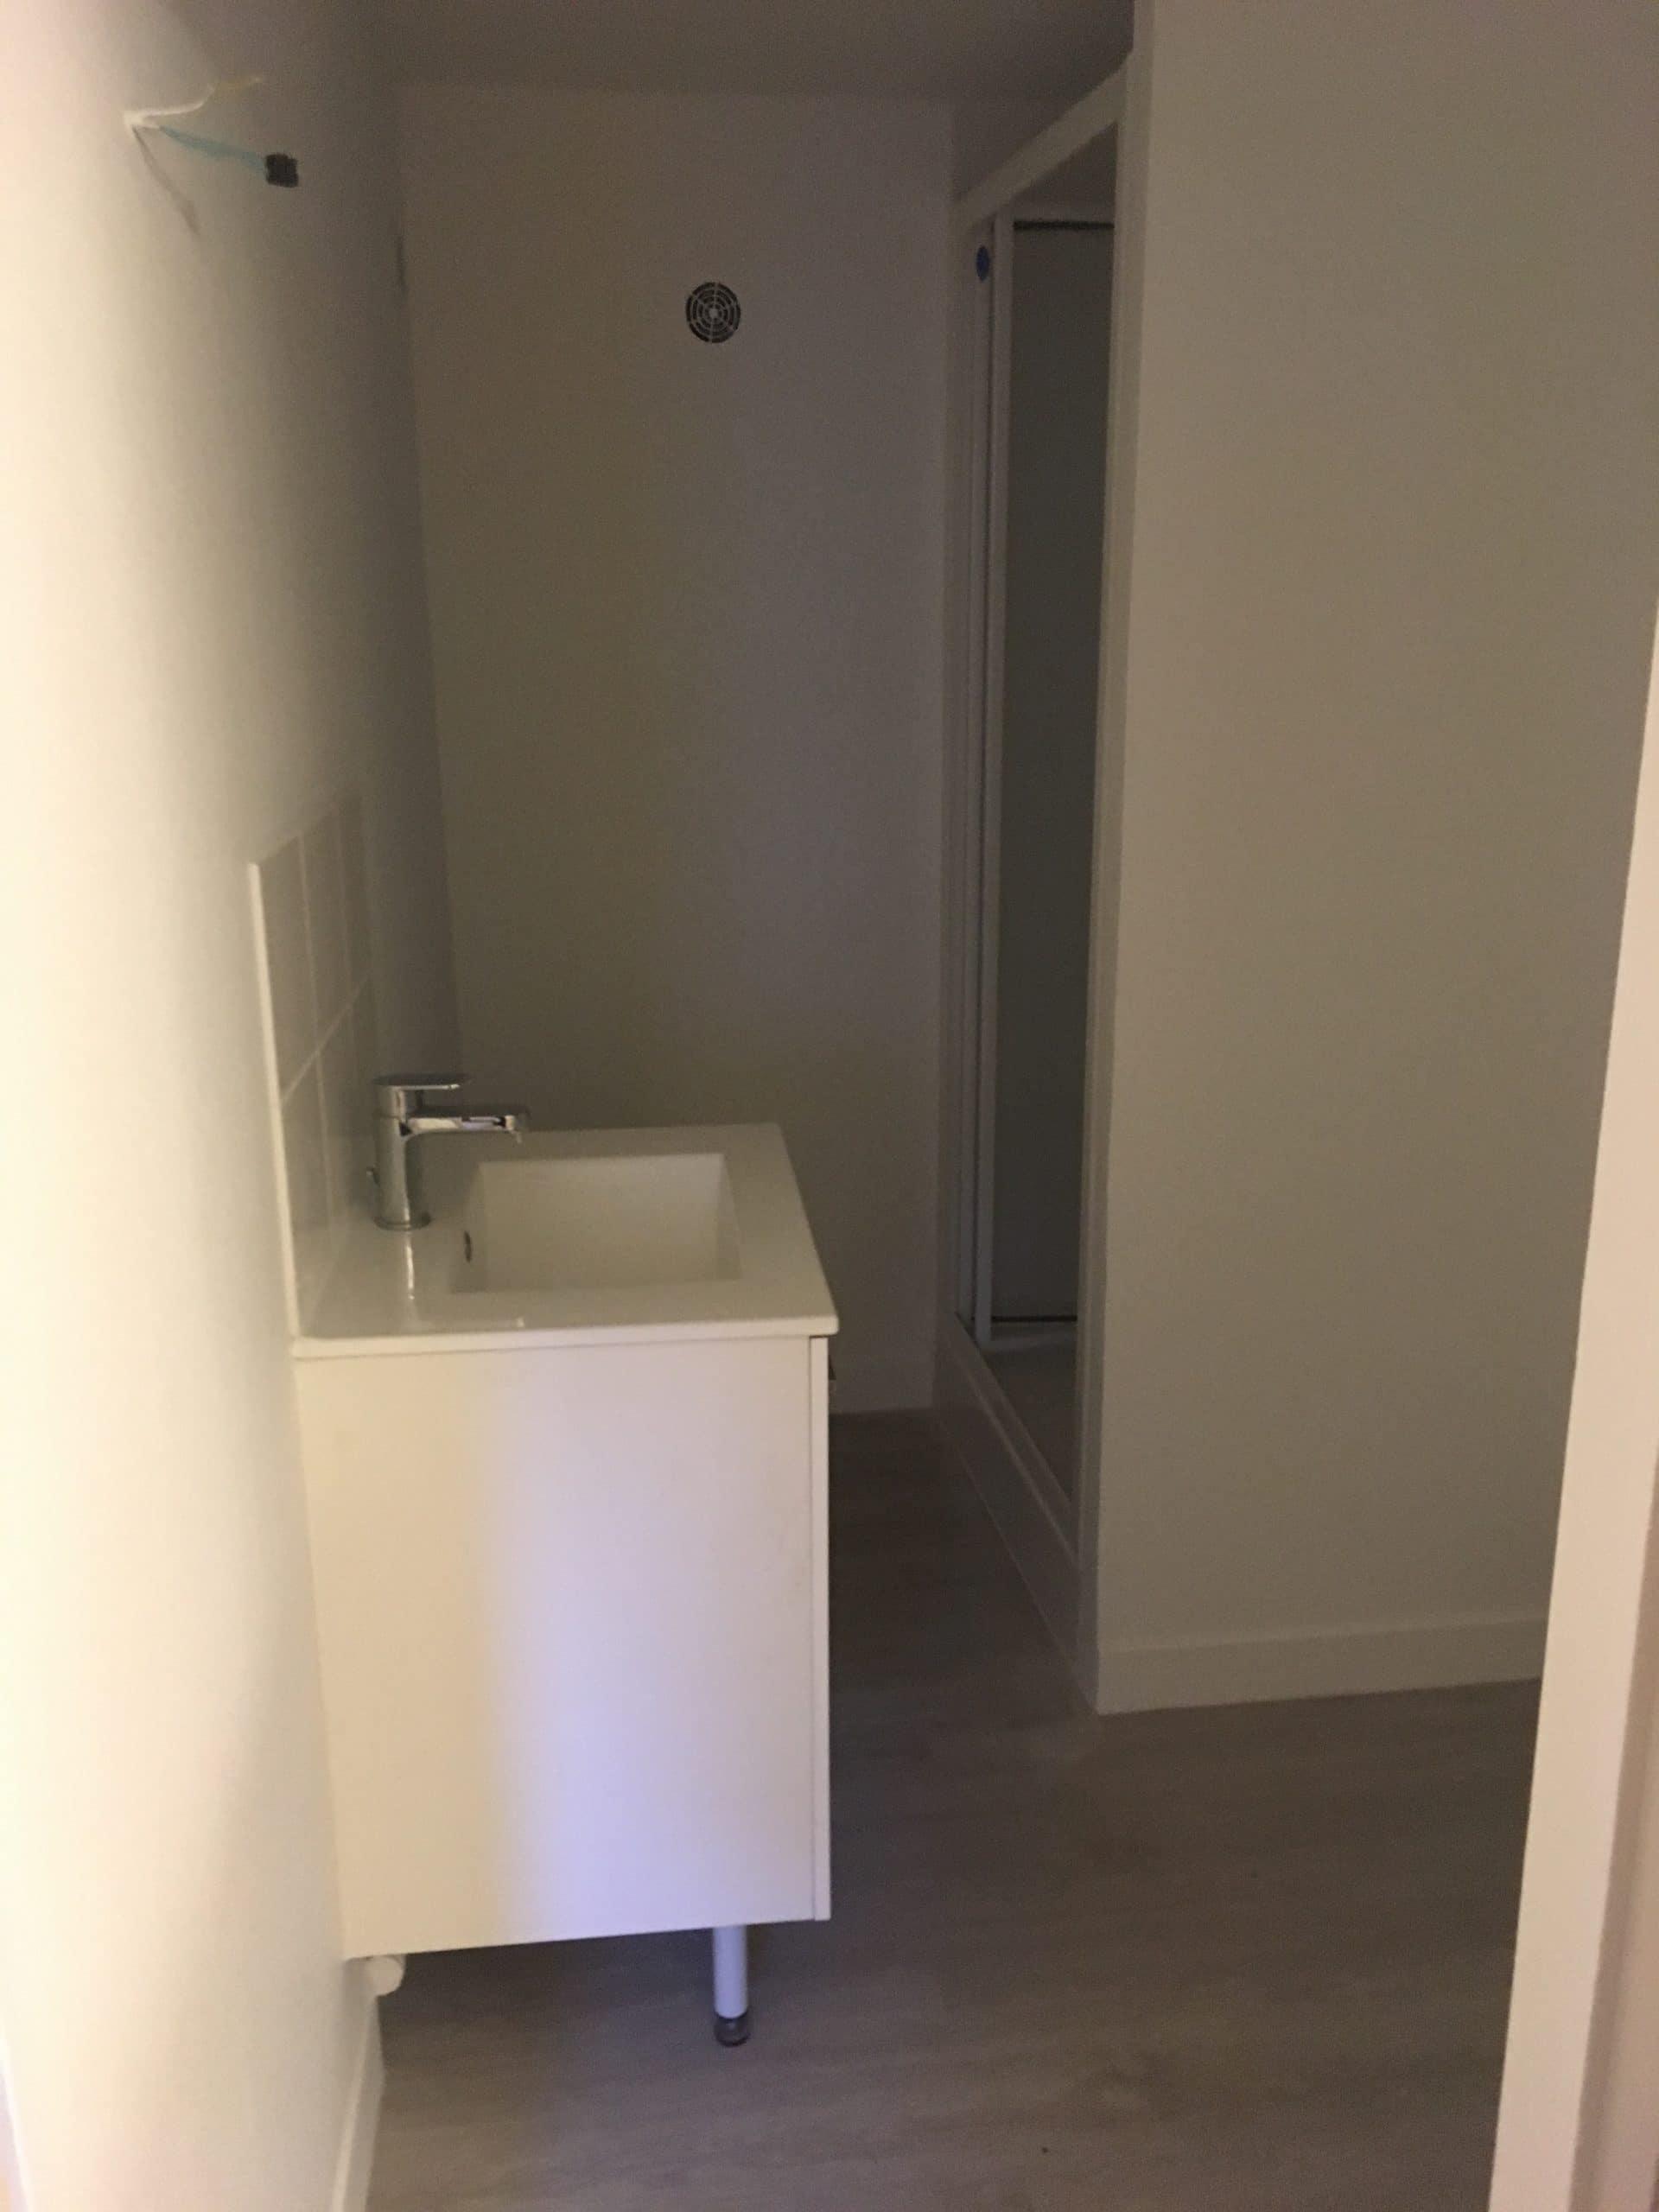 Rénovation de 2 appartements proches du centre-ville de Poitiers (86)